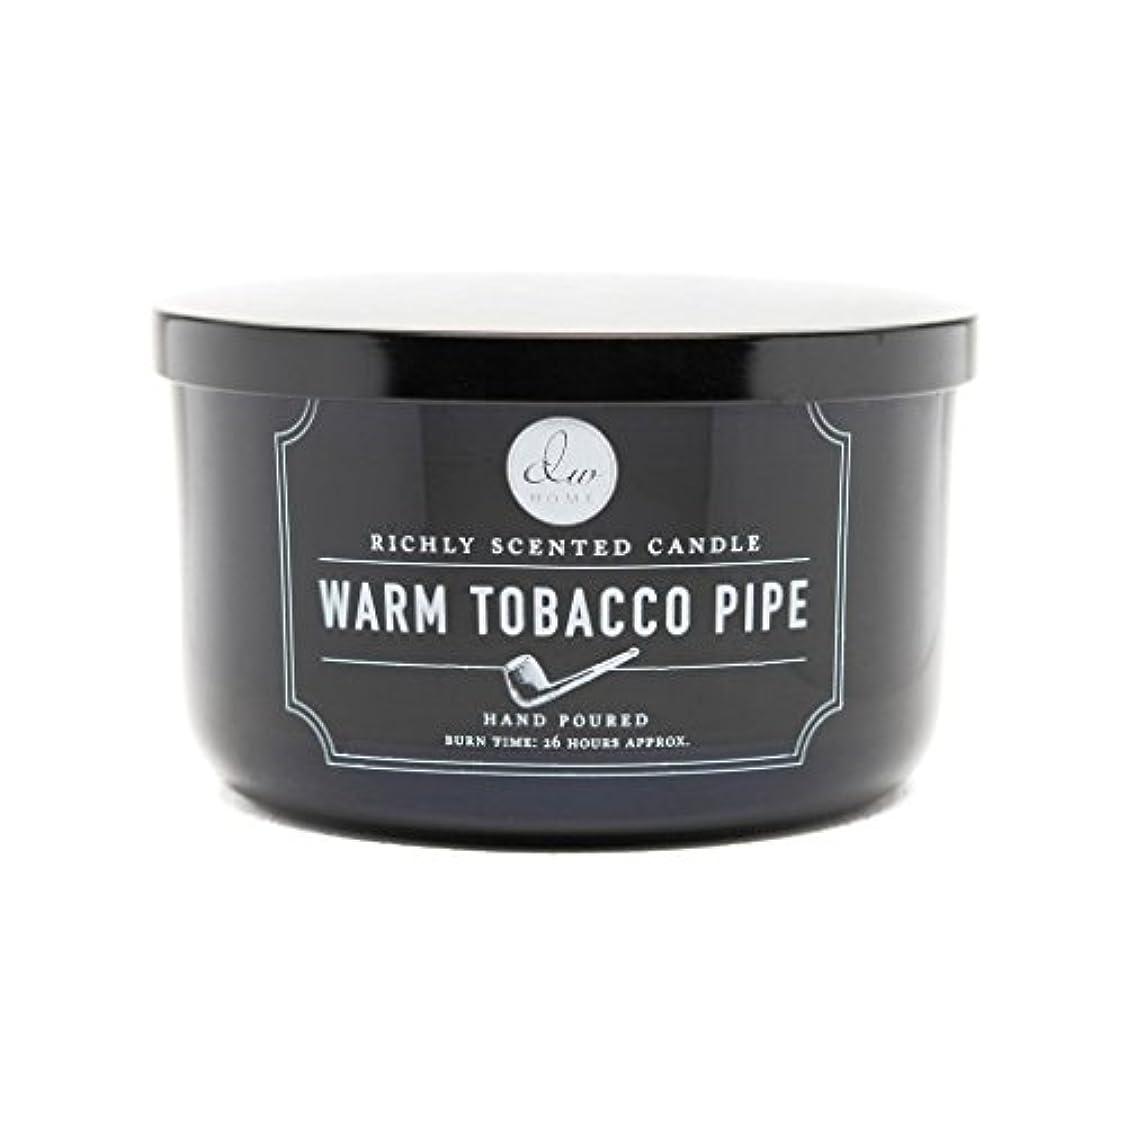 鉄道立法注ぎますDecoware Richly Scented Warm Tobacco Pipe 3-Wick Candle 13.8 Oz. In Glass by Decoware